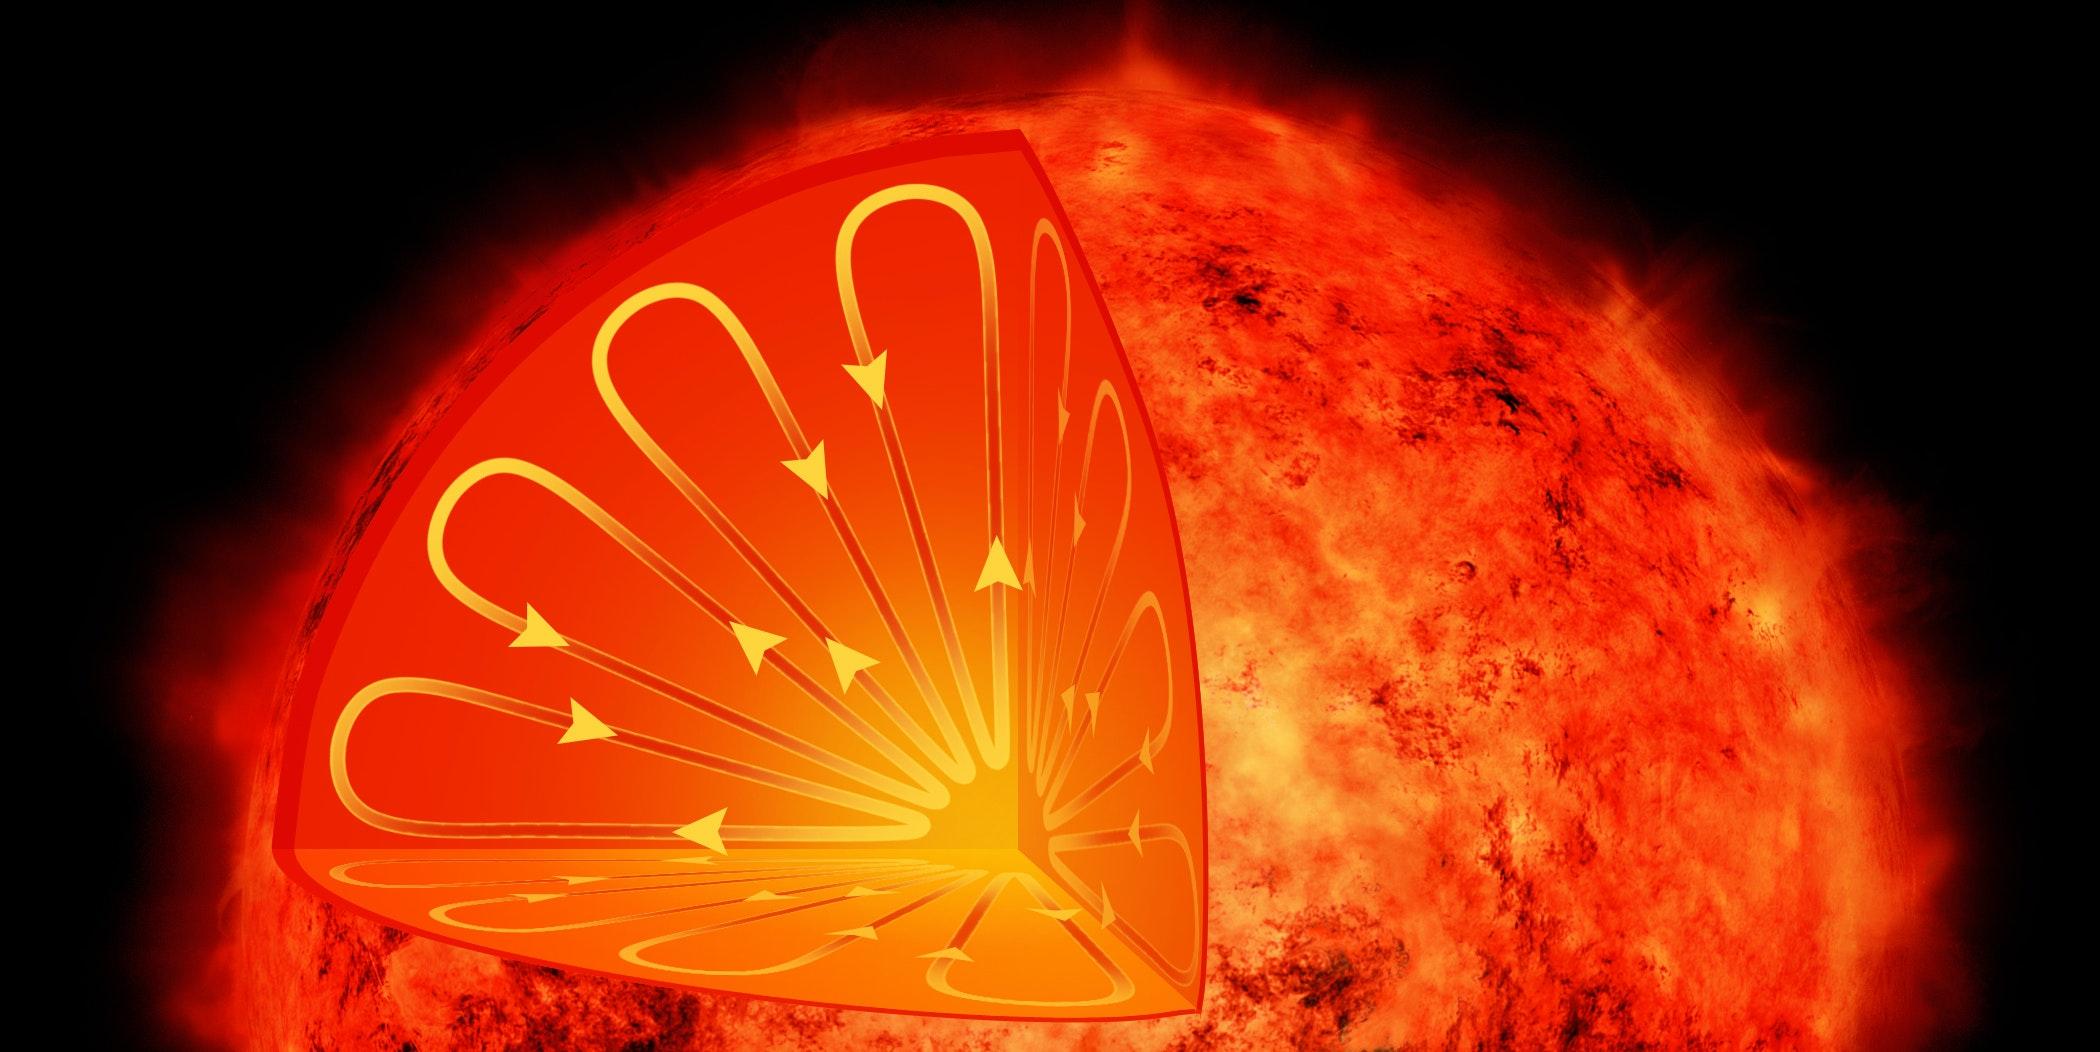 star sun proxima centauri